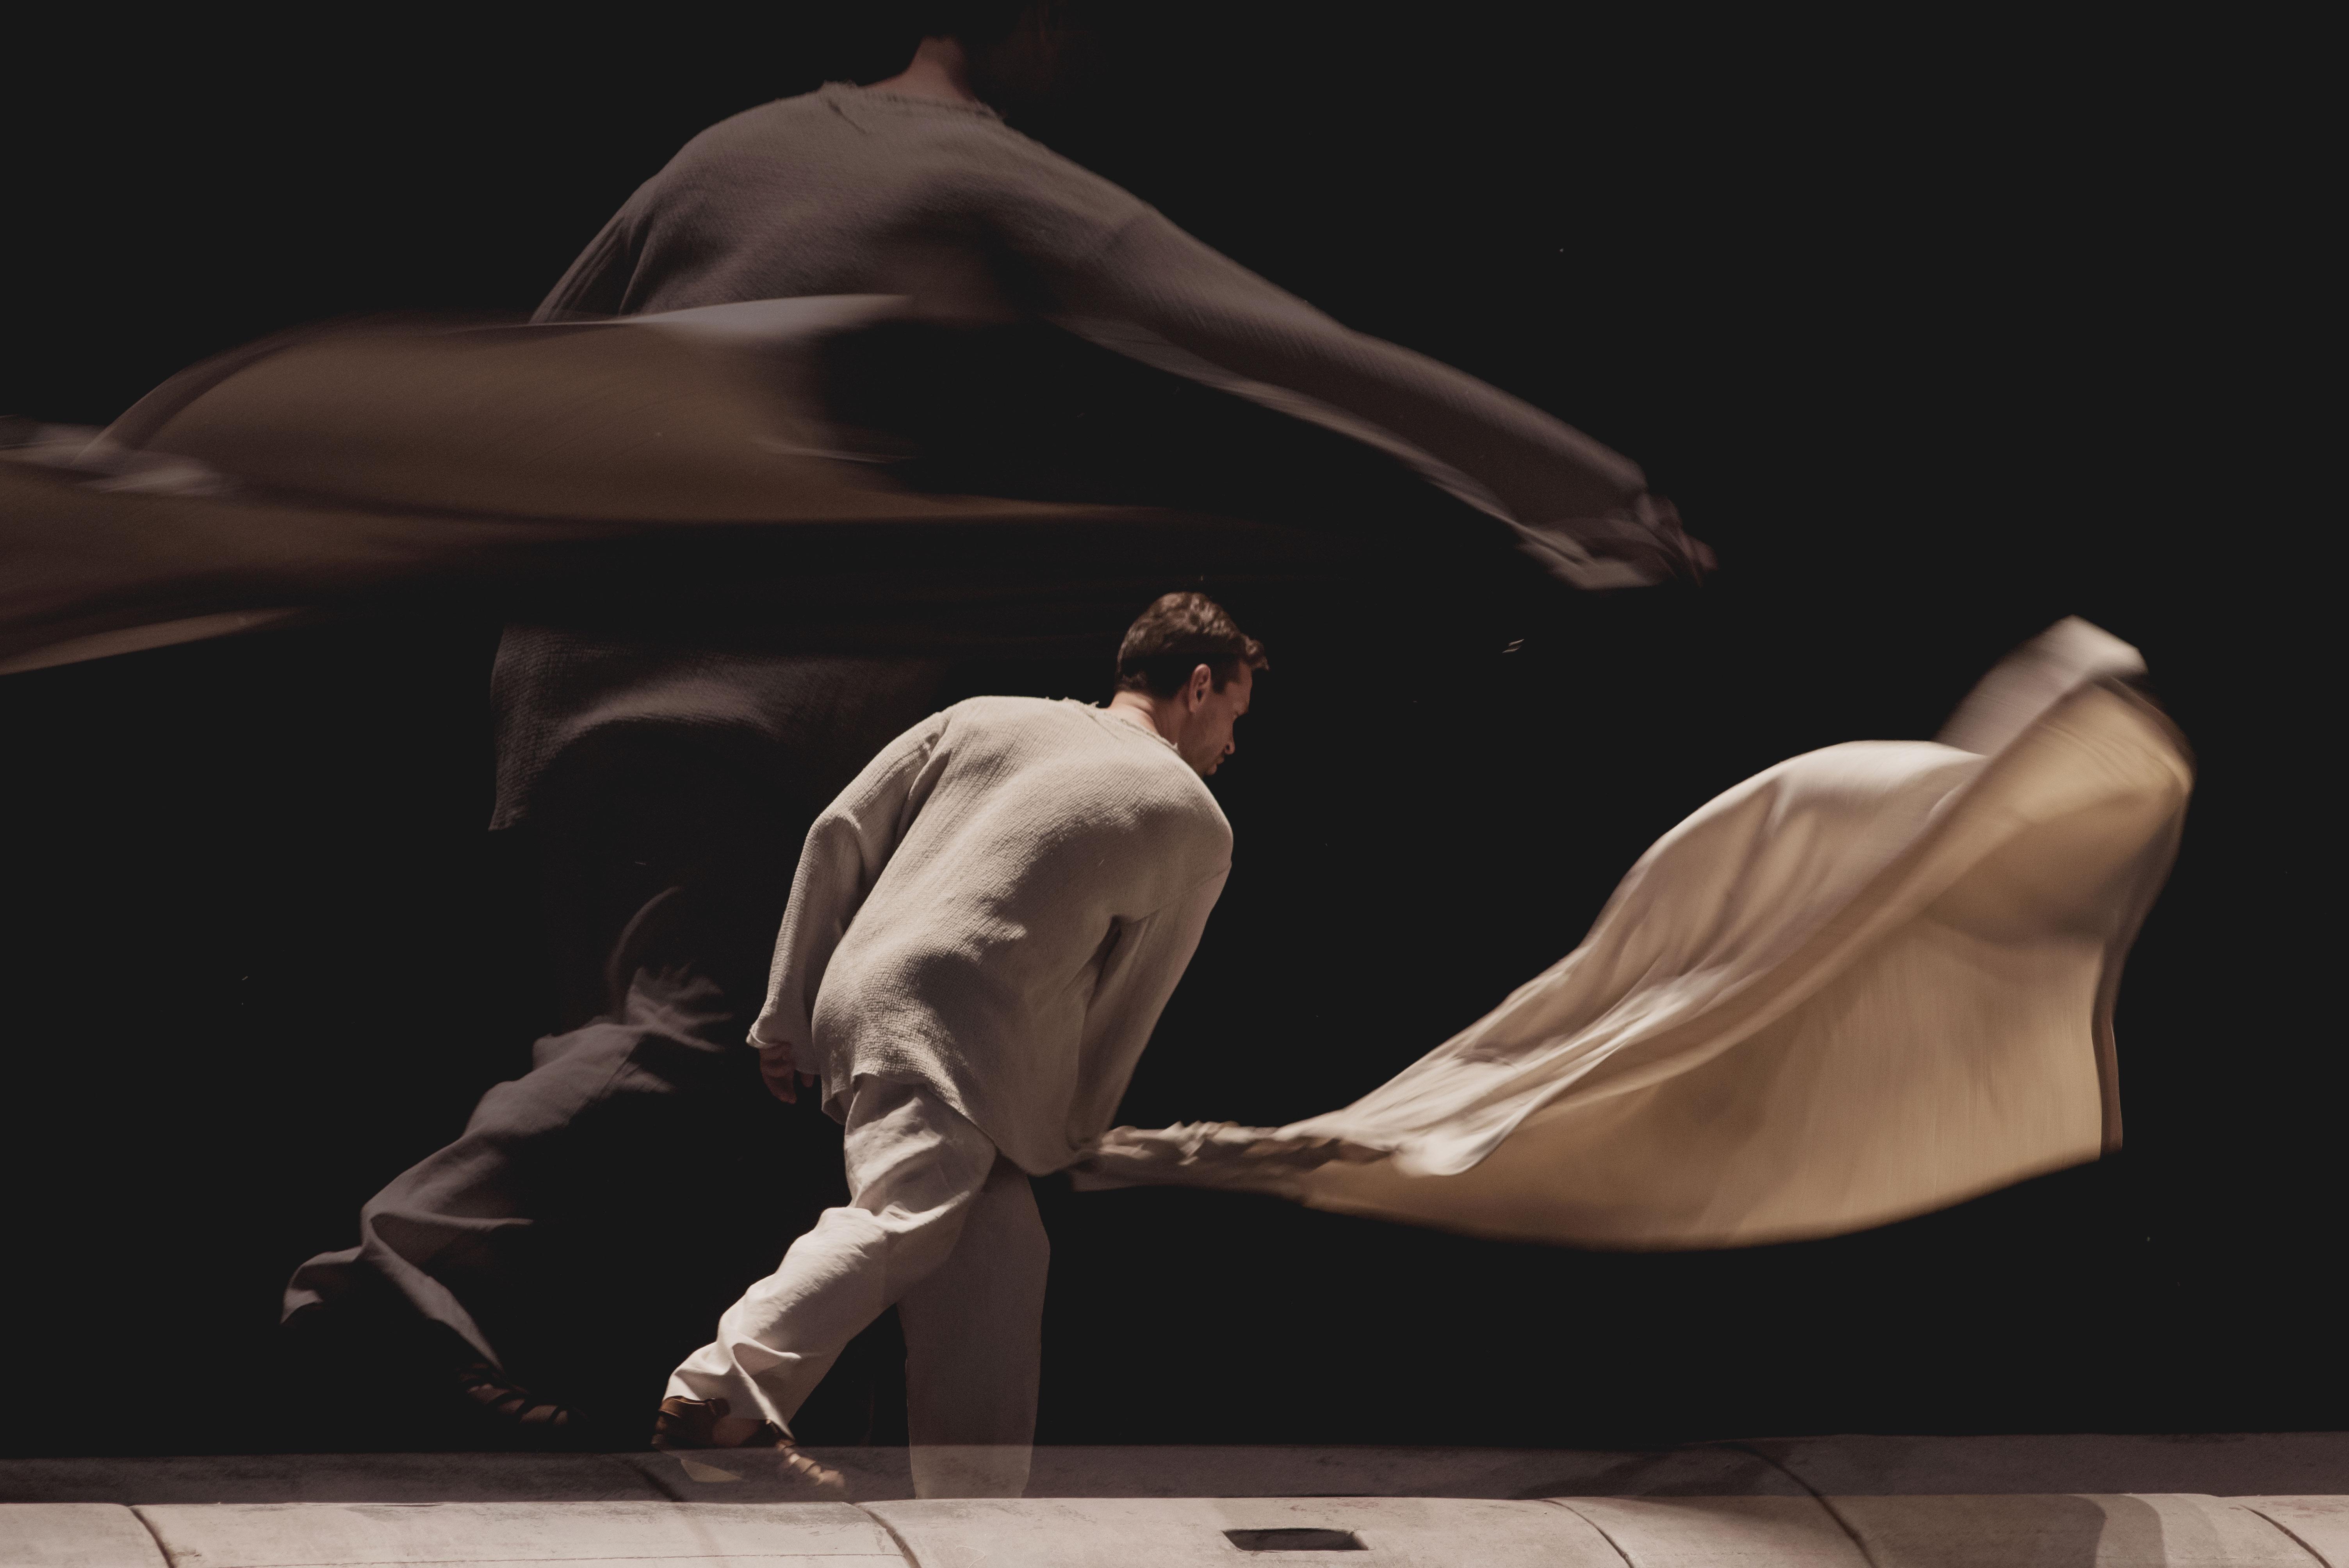 Εθνικό Θέατρο & Θέατρο Βαχτάνγκοφ: Οιδίπους Τύραννος